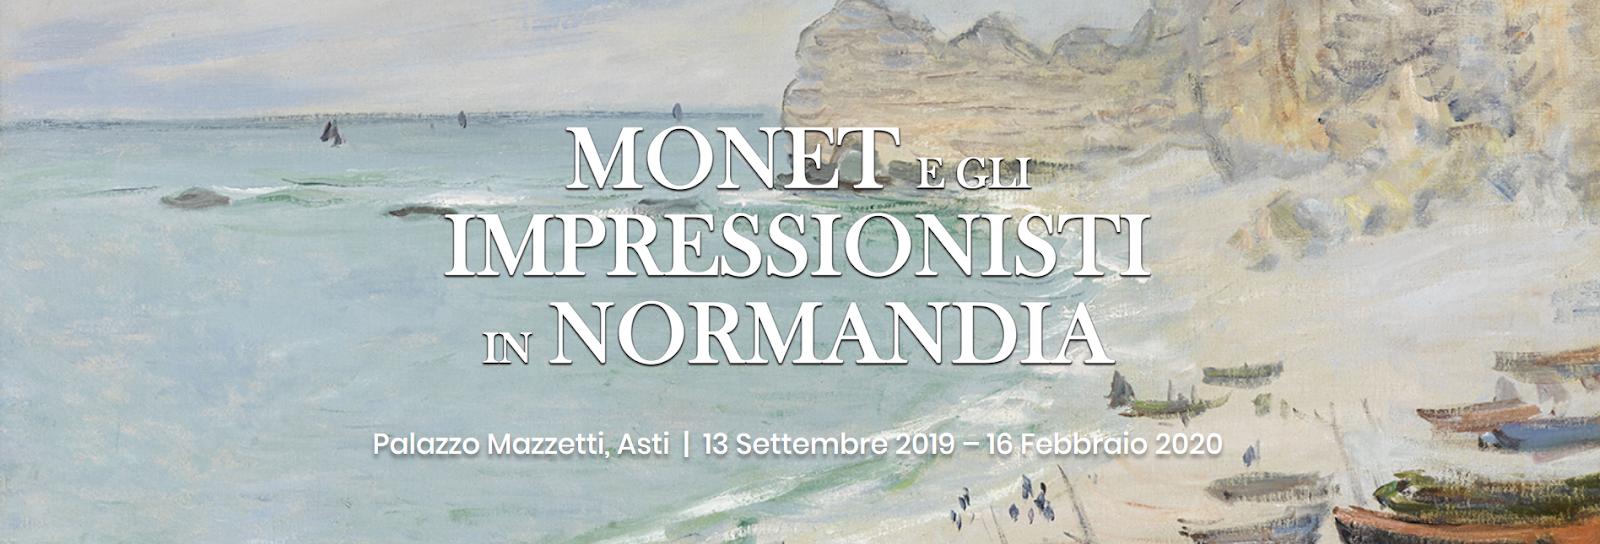 ASTI: DALLA NORMANDIA MONET E IMPRESSIONISTI